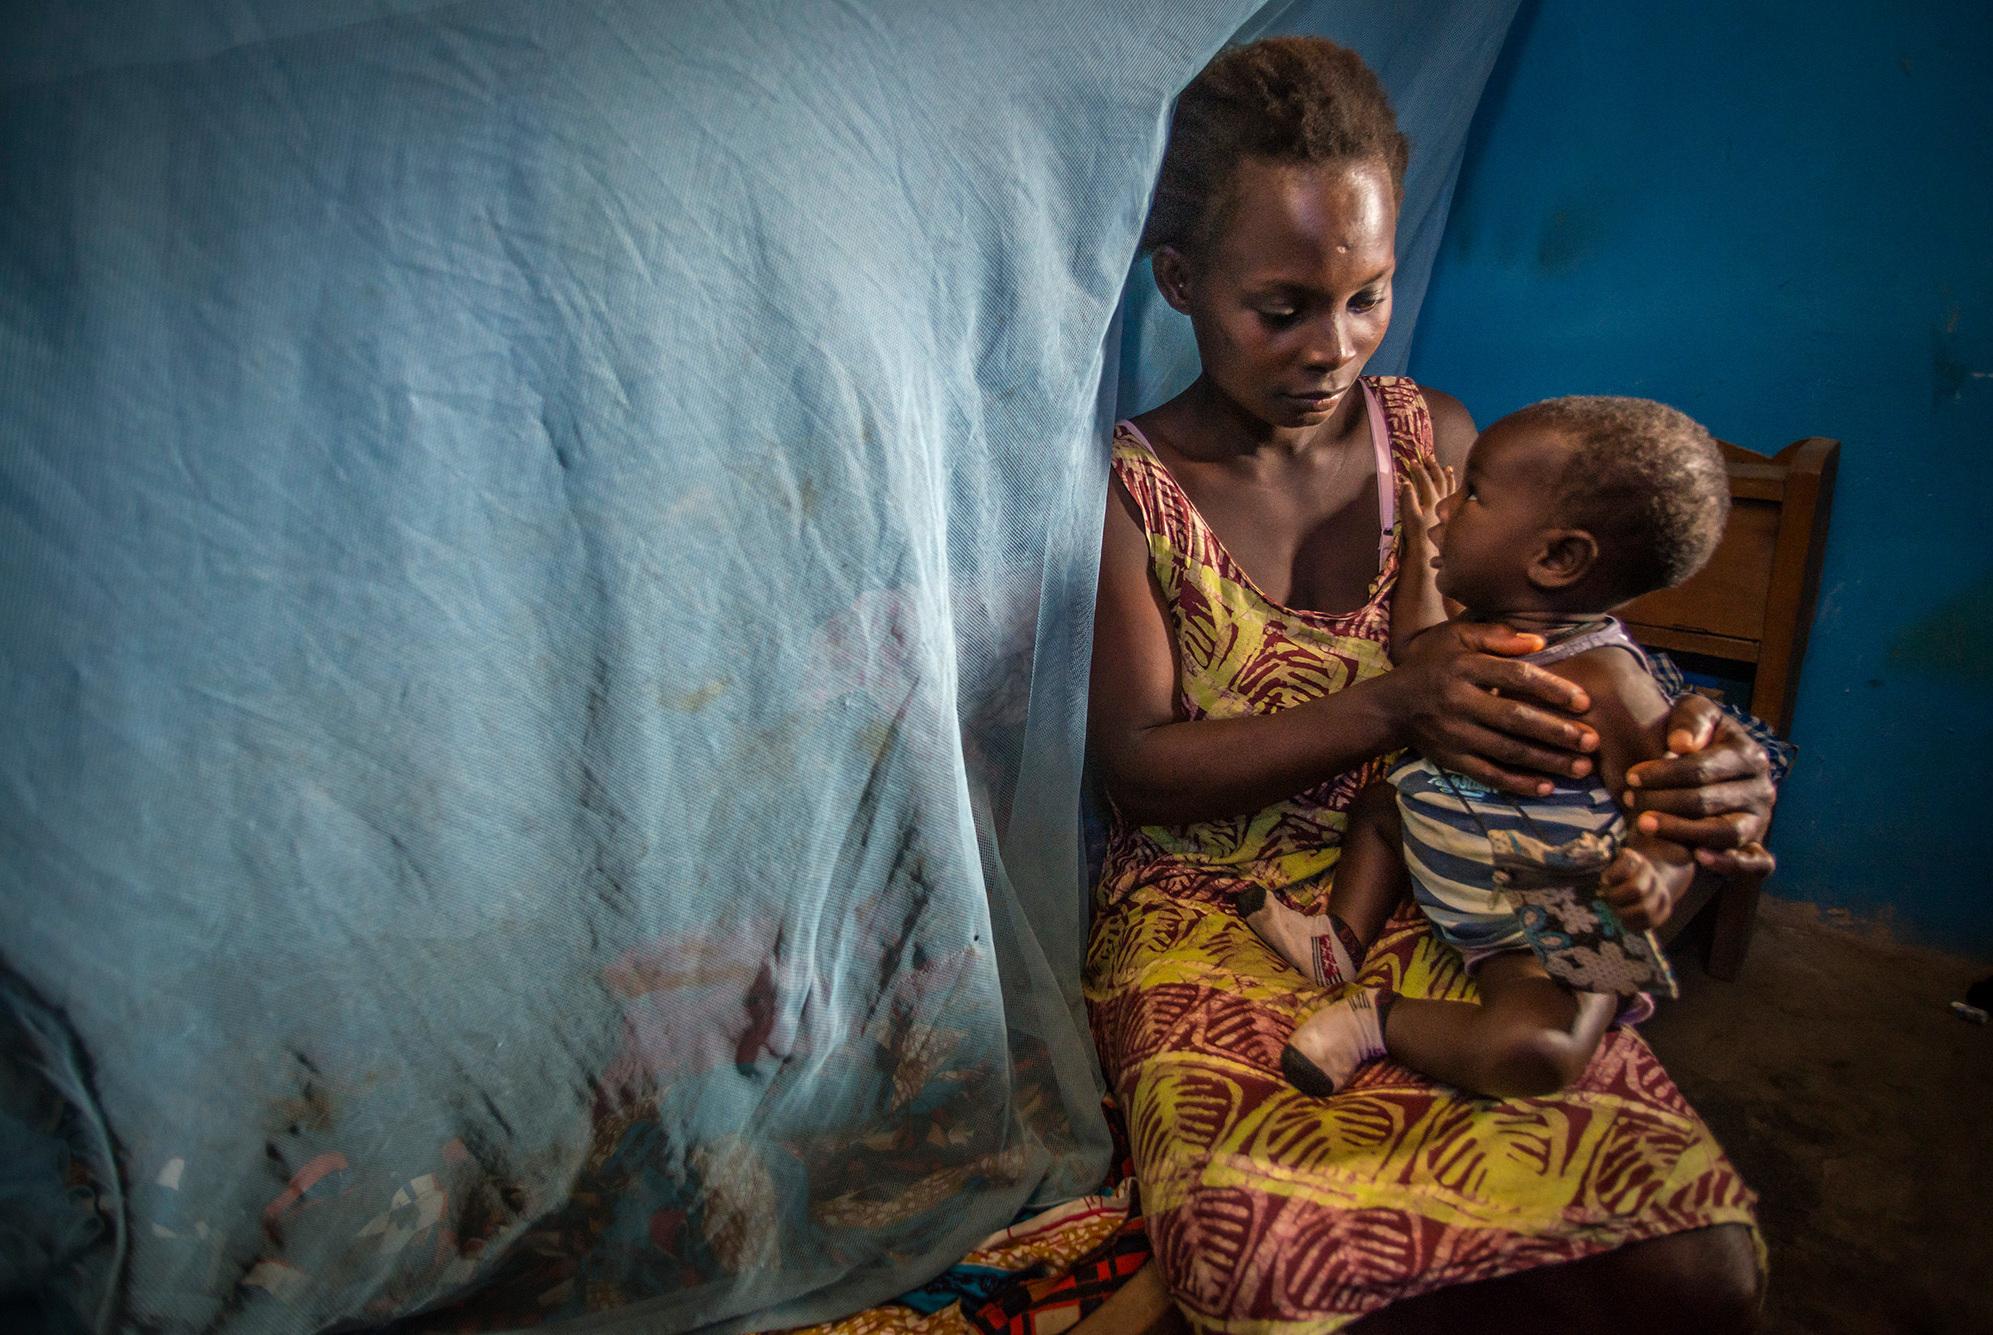 Moçambique: Malária e pneumonia principais causas da mortalidade infantil